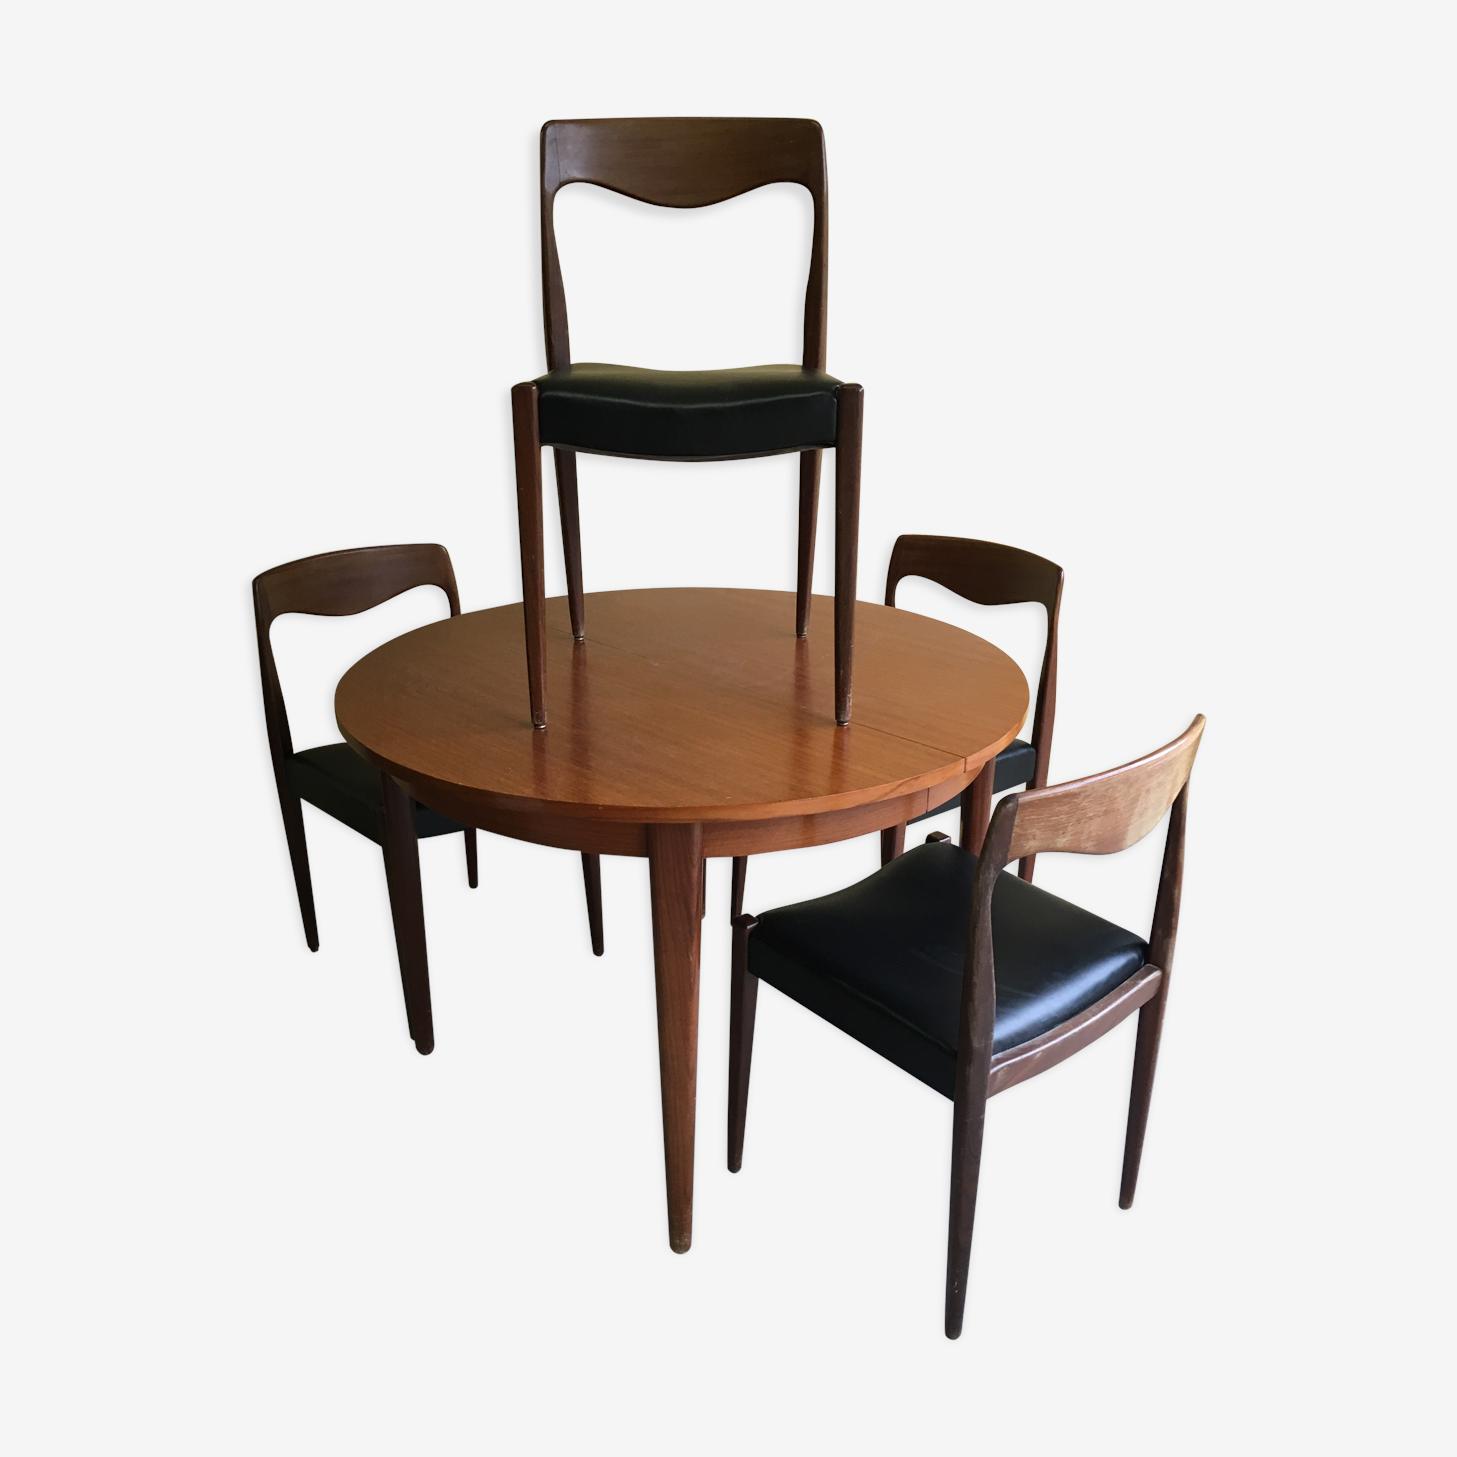 Ensemble danois d'une table et quatre chaises